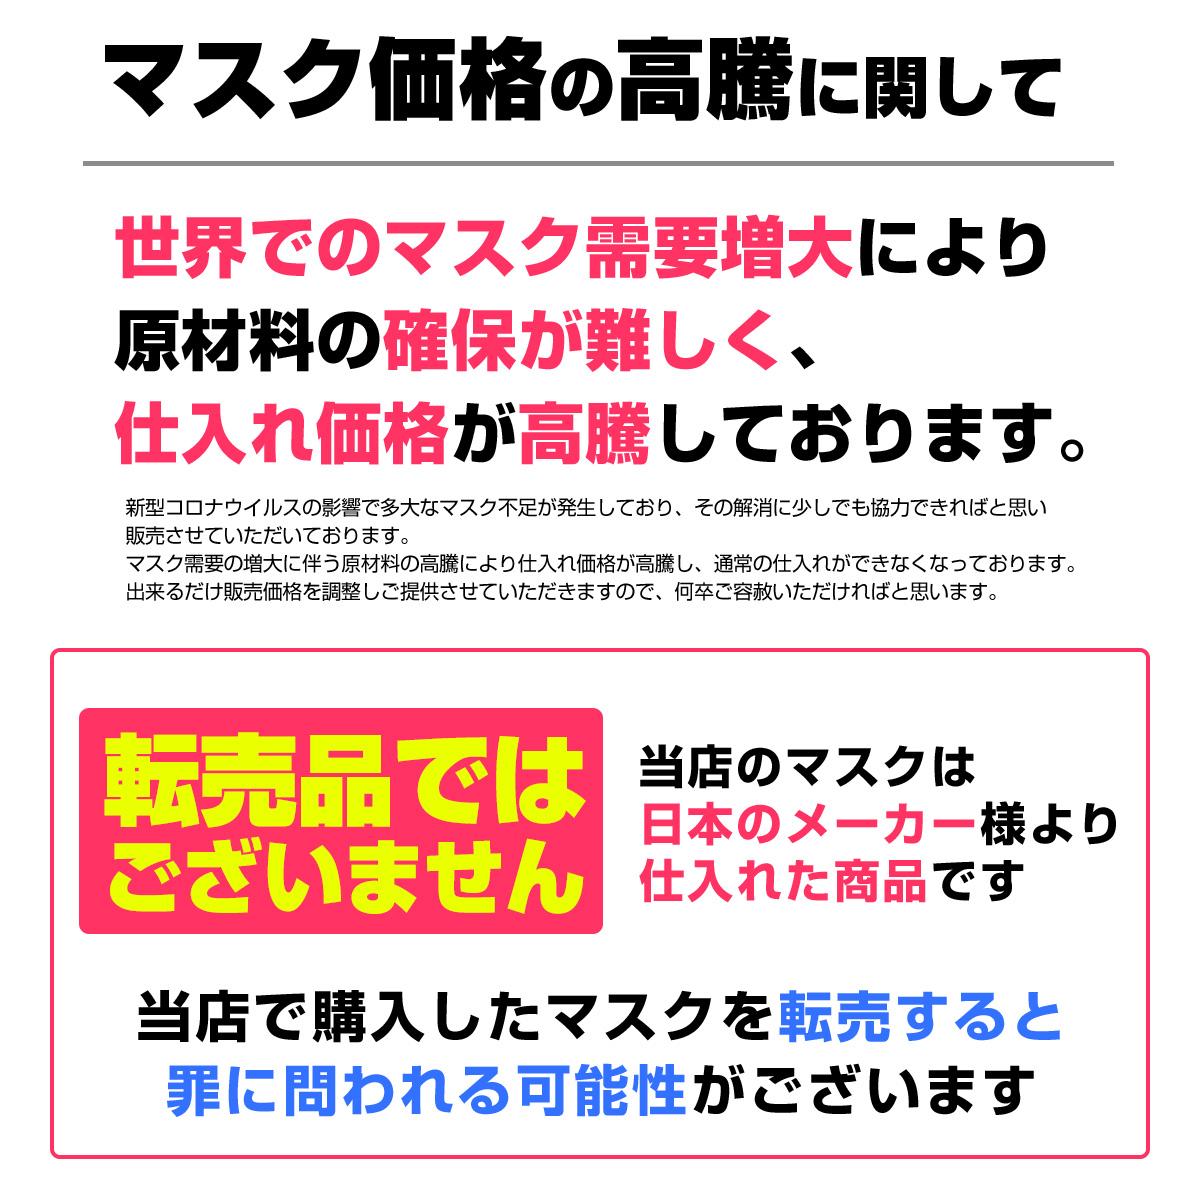 【緊急値下げ】マスク 50枚入り 10個セット 送料無料